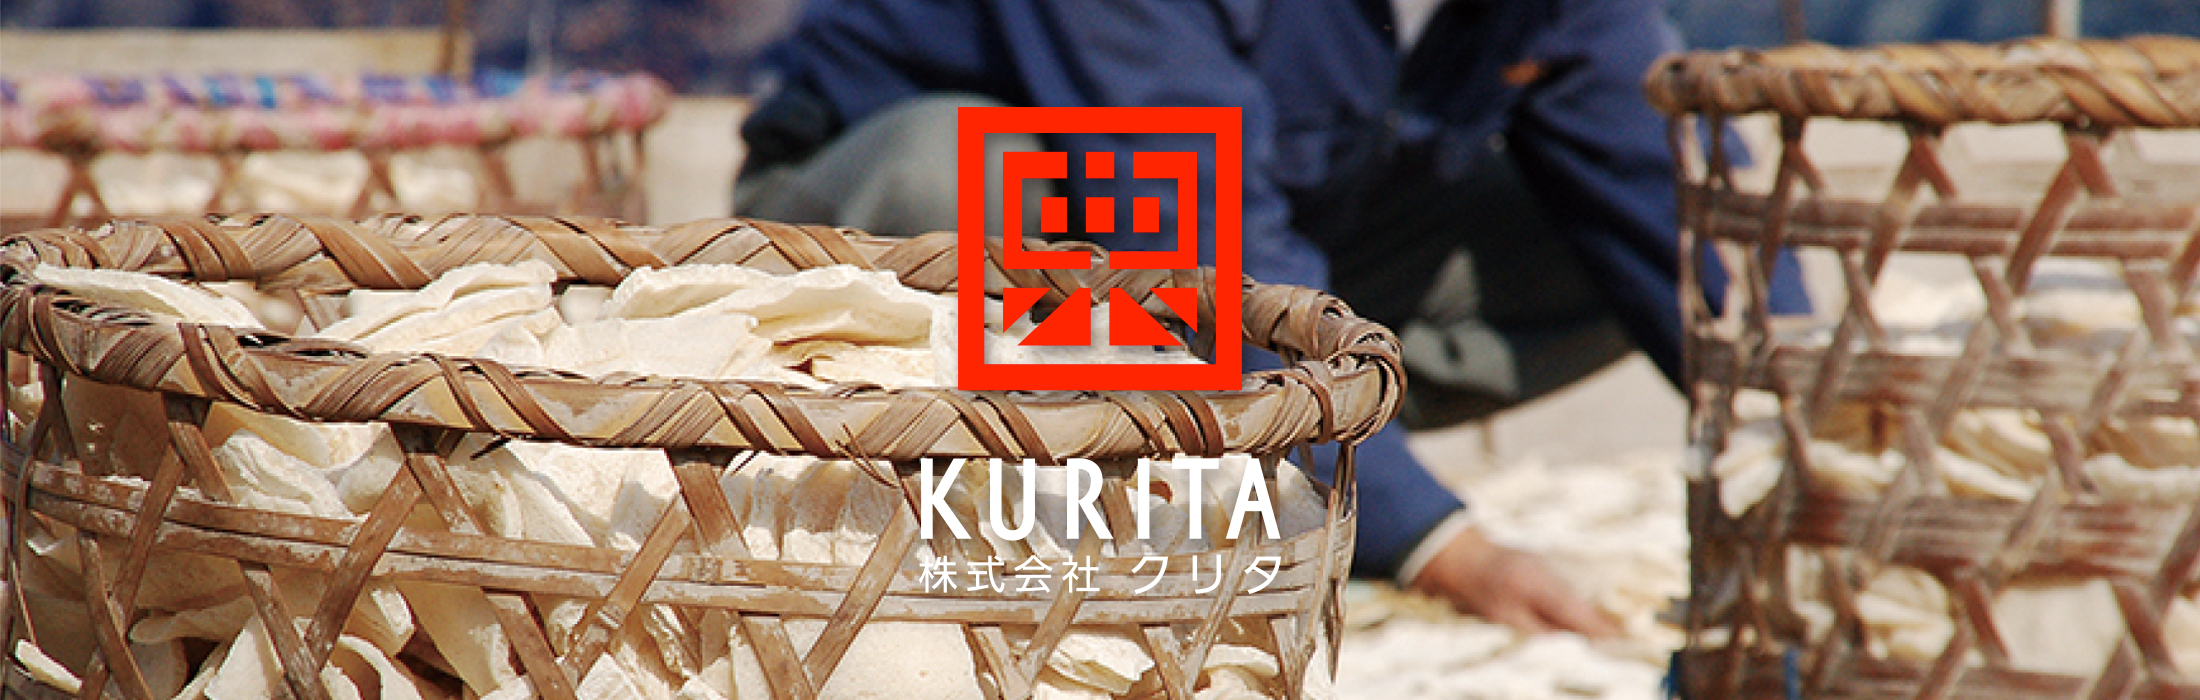 茨城県奥久慈地方に江戸時代から伝わる保存食「凍みこんにゃく」